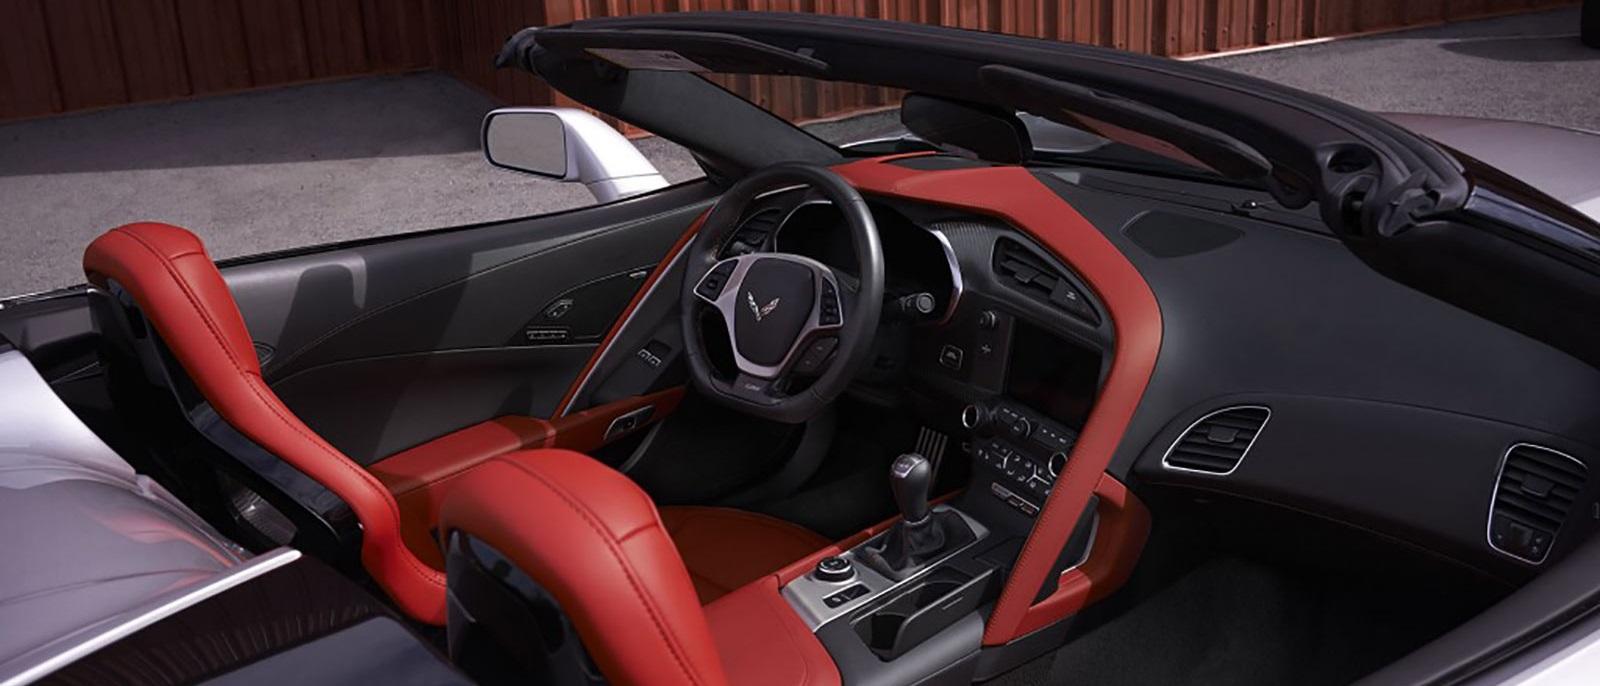 2015 corvette stingray z06 lisle bill kay corvettes and classics - Corvette 2015 Stingray Z06